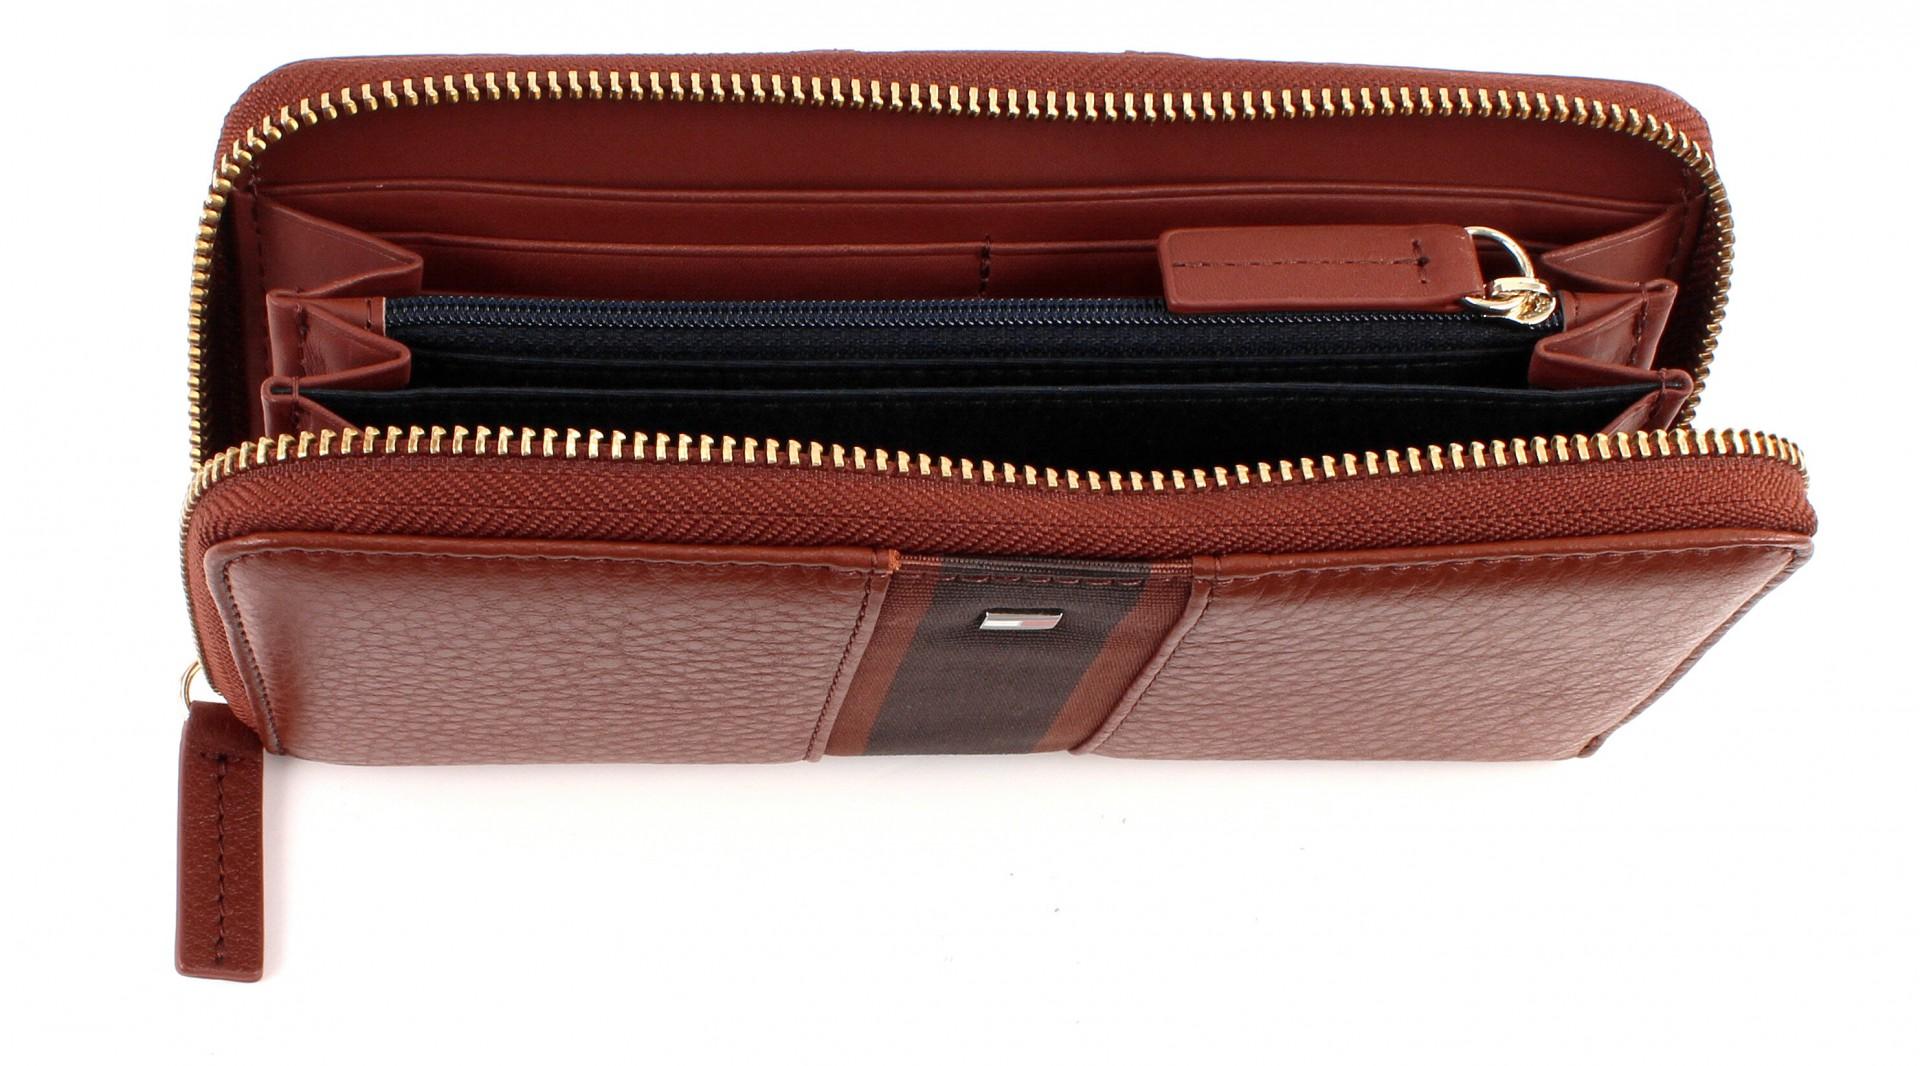 tommy hilfiger bella large to a wallet purse wallet brown. Black Bedroom Furniture Sets. Home Design Ideas